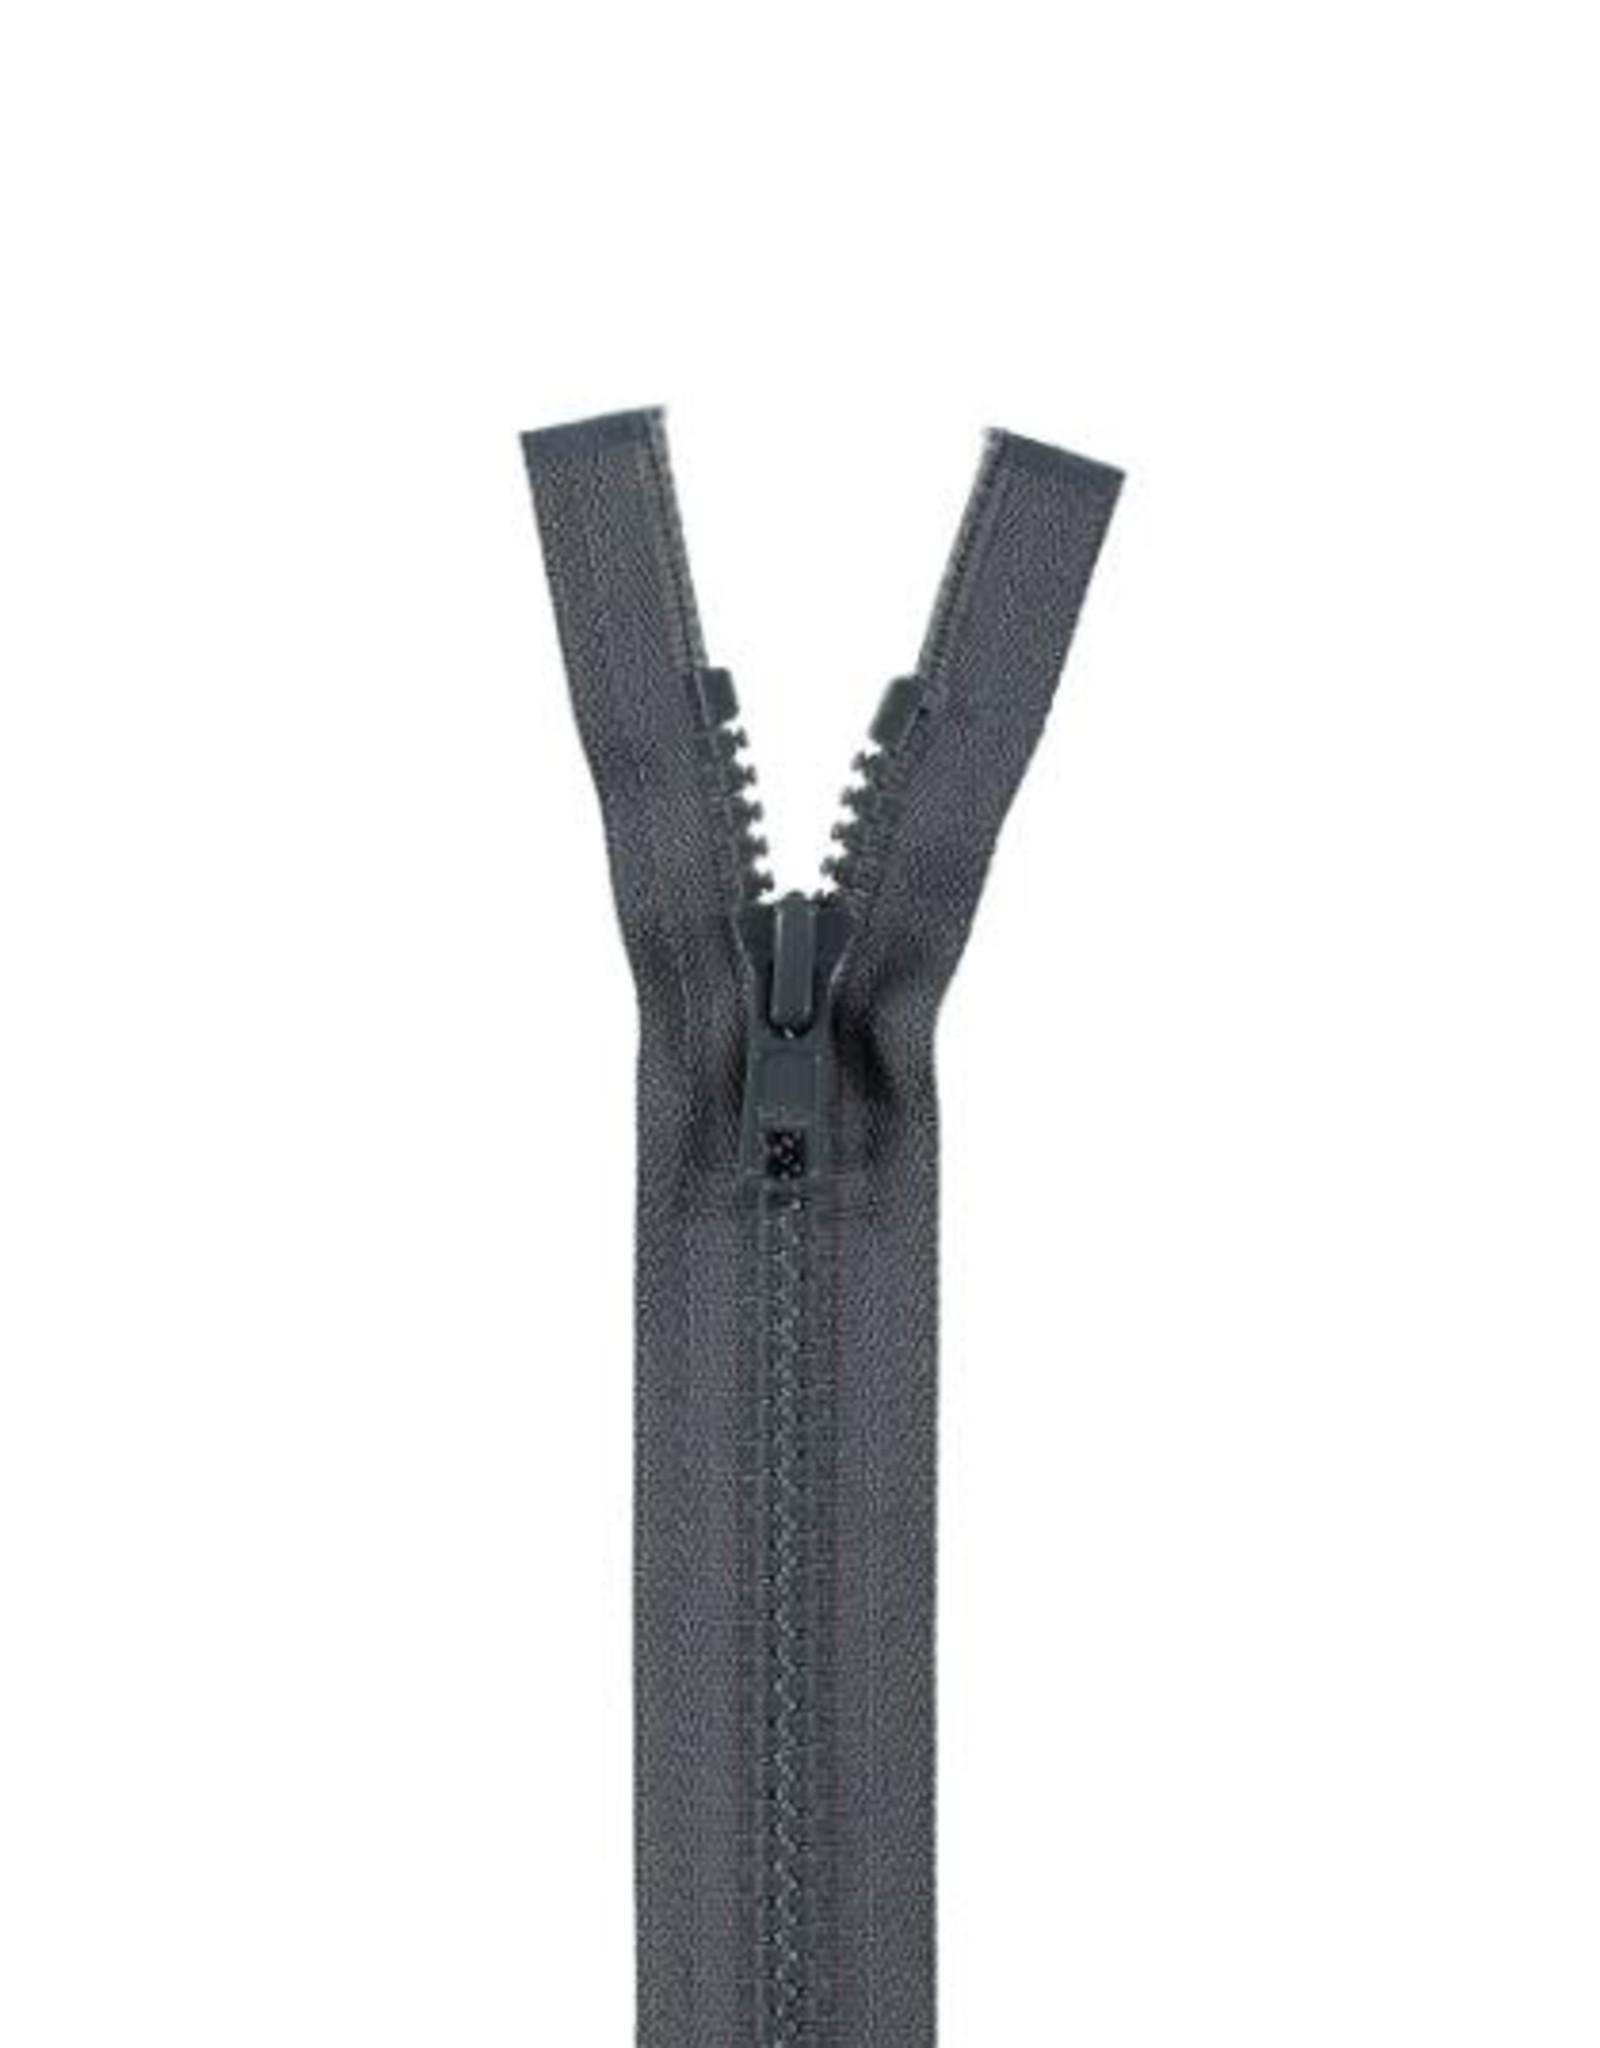 YKK BLOKRITS 5 DEELBAAR d. grijs 579-60cm